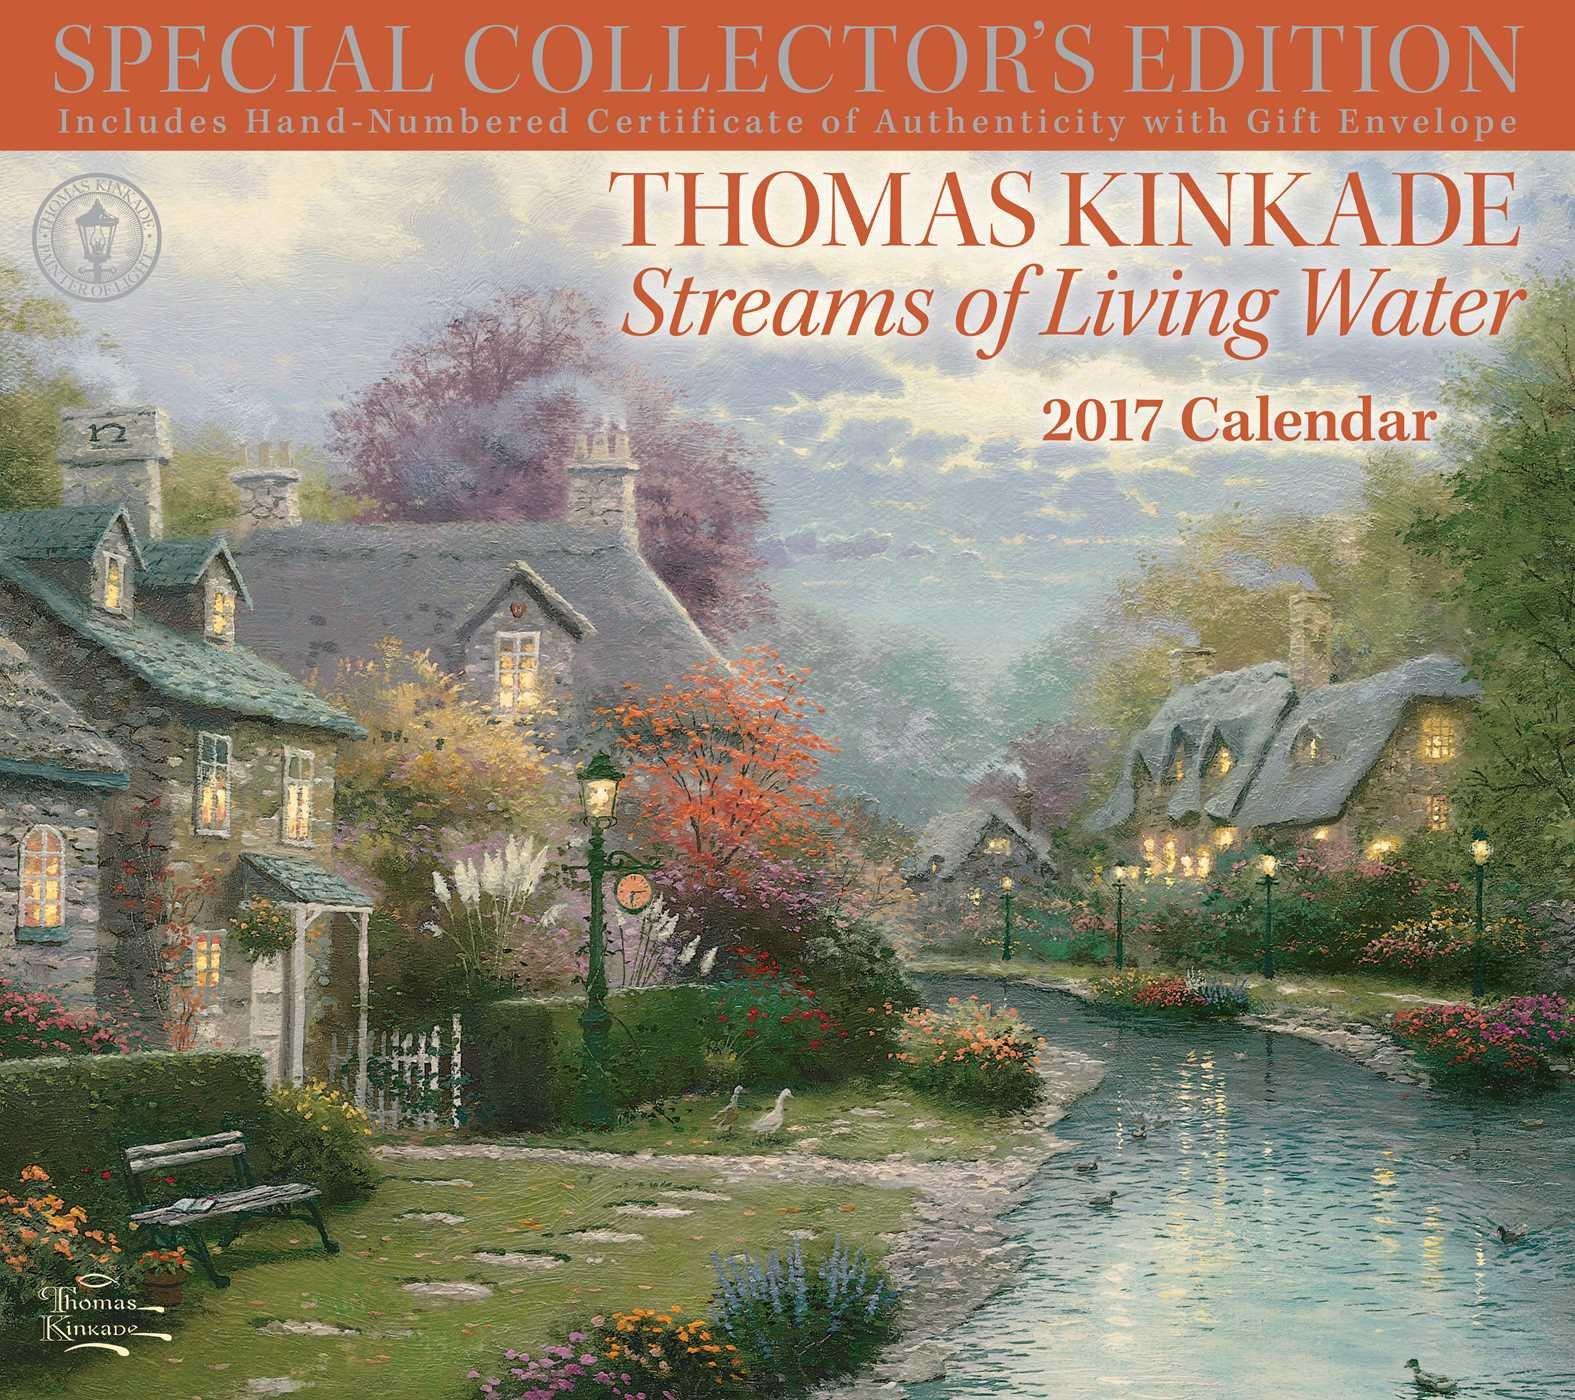 thomas kinkade special collectors edition 2017 deluxe wall calendar